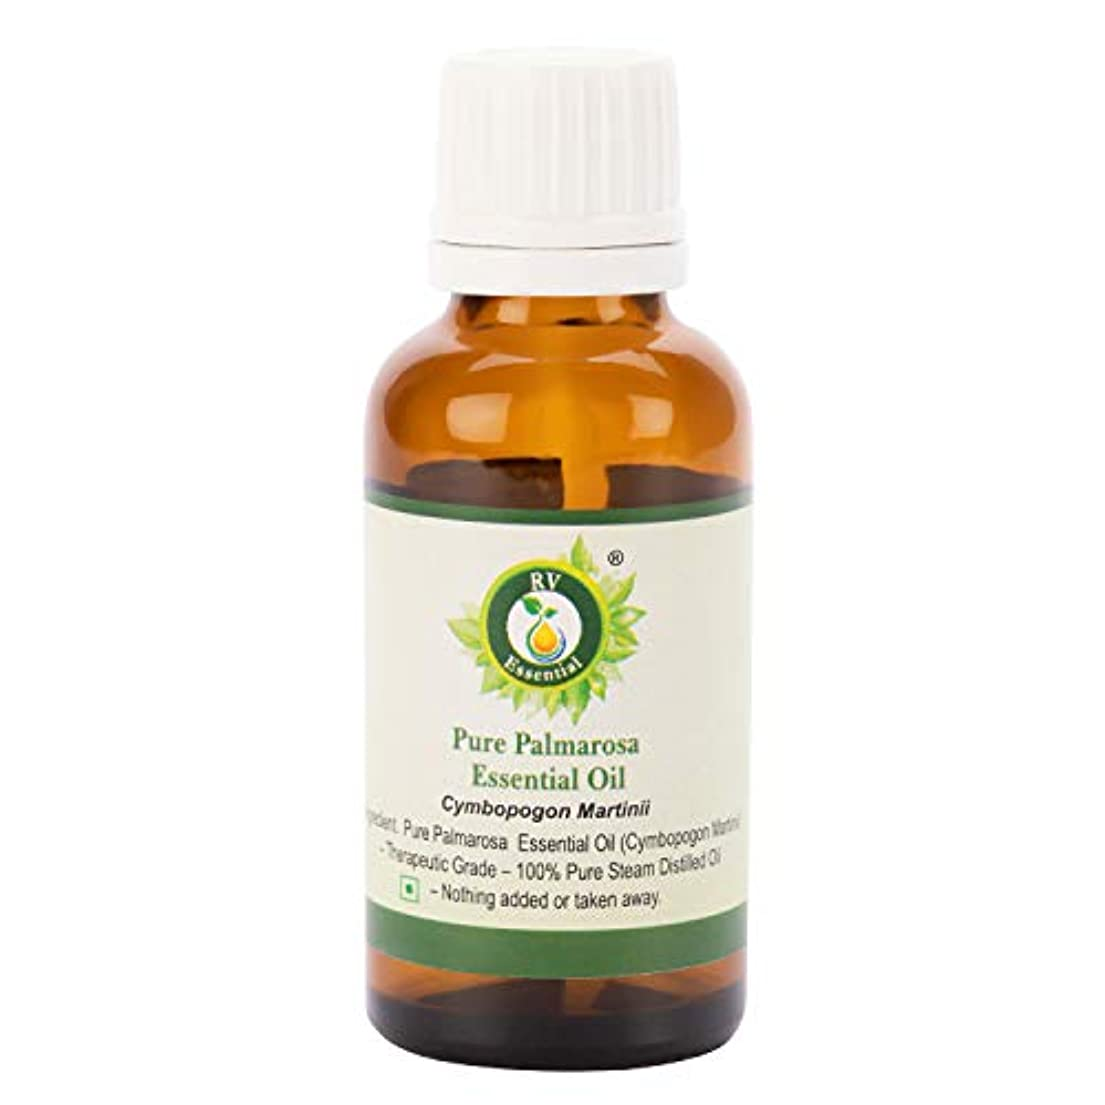 無傷ファランクス一般ピュアパルマローザエッセンシャルオイル5ml (0.169oz)- Cymbopogon Martinii (100%純粋&天然スチームDistilled) Pure Palmarosa Essential Oil